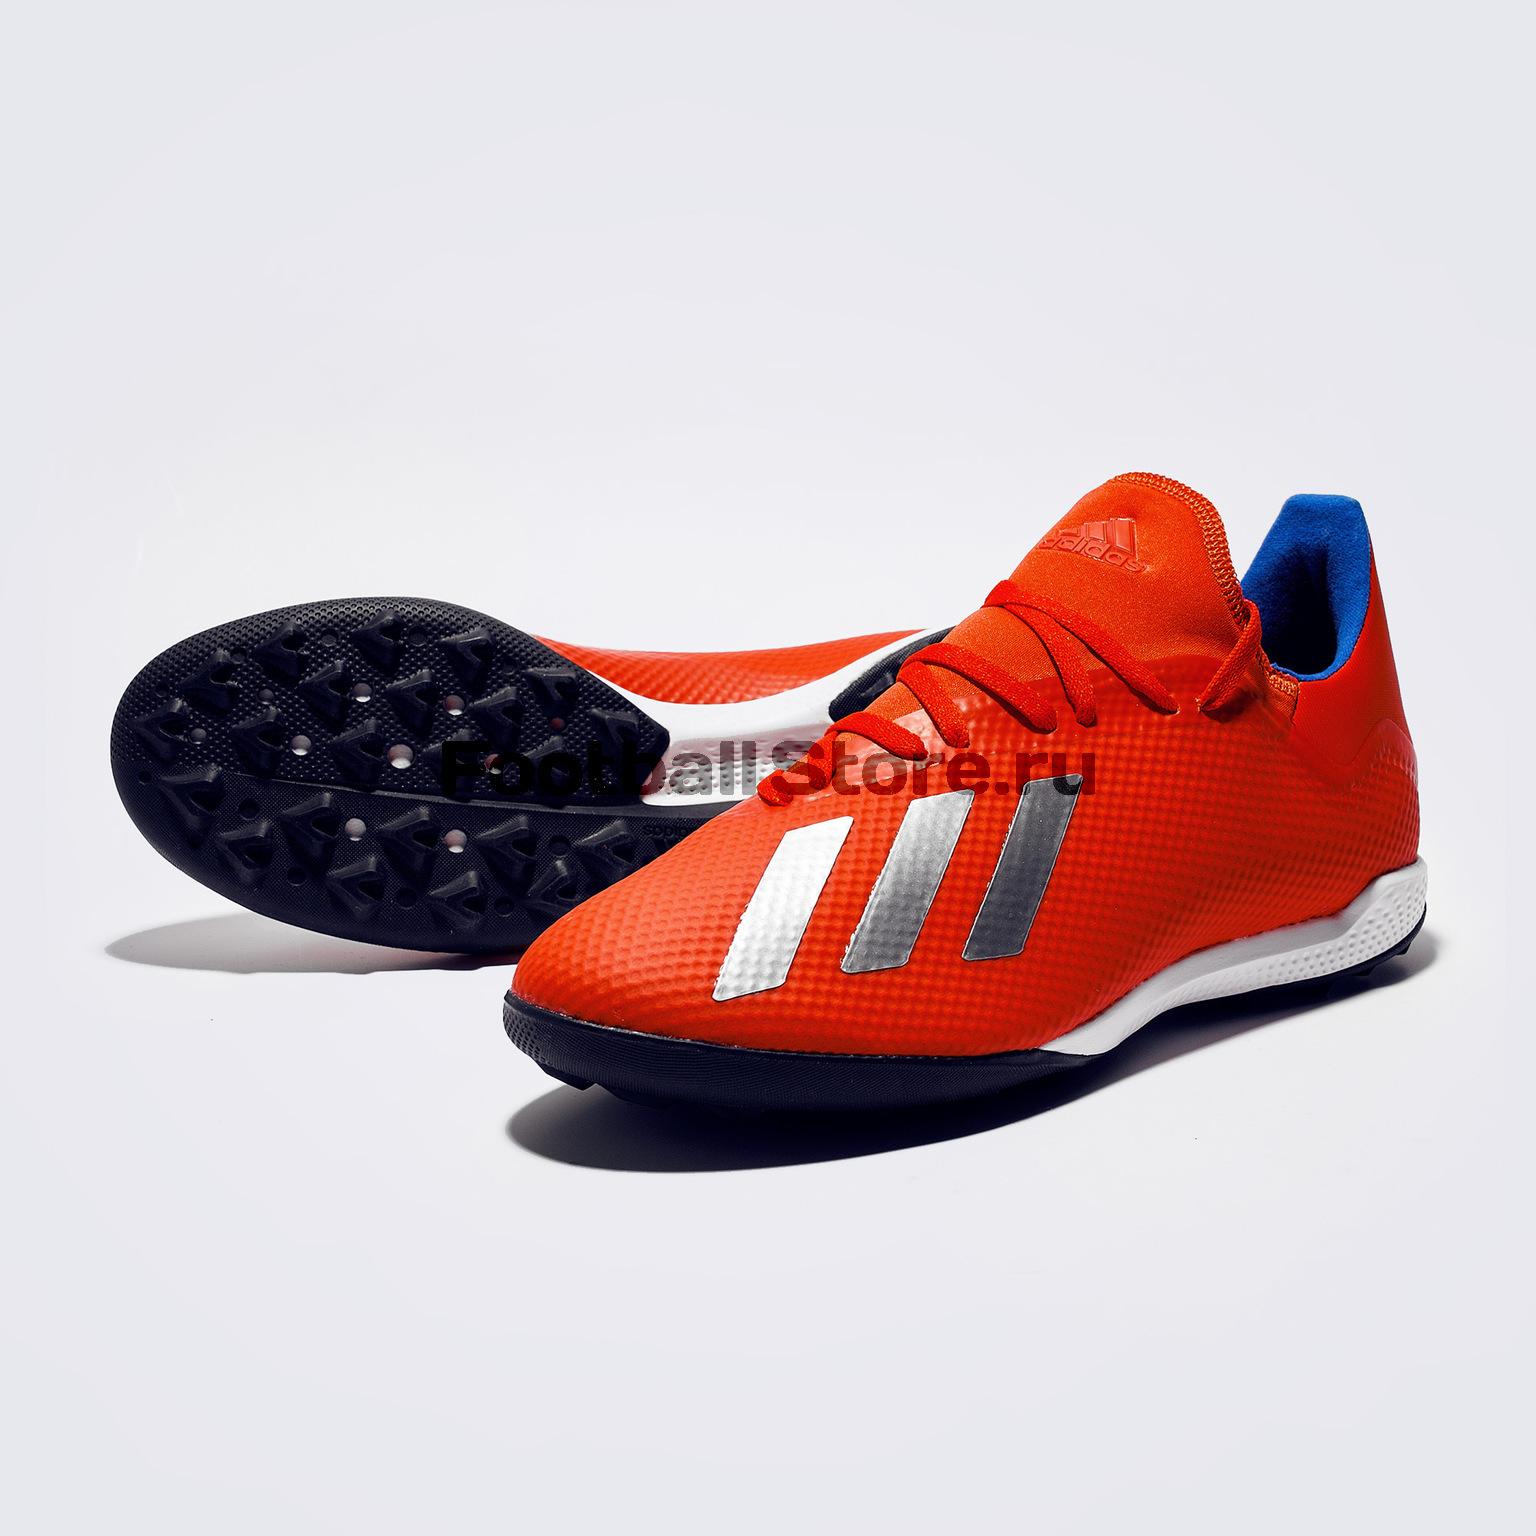 Шиповки Adidas X 18.3 TF BB9399